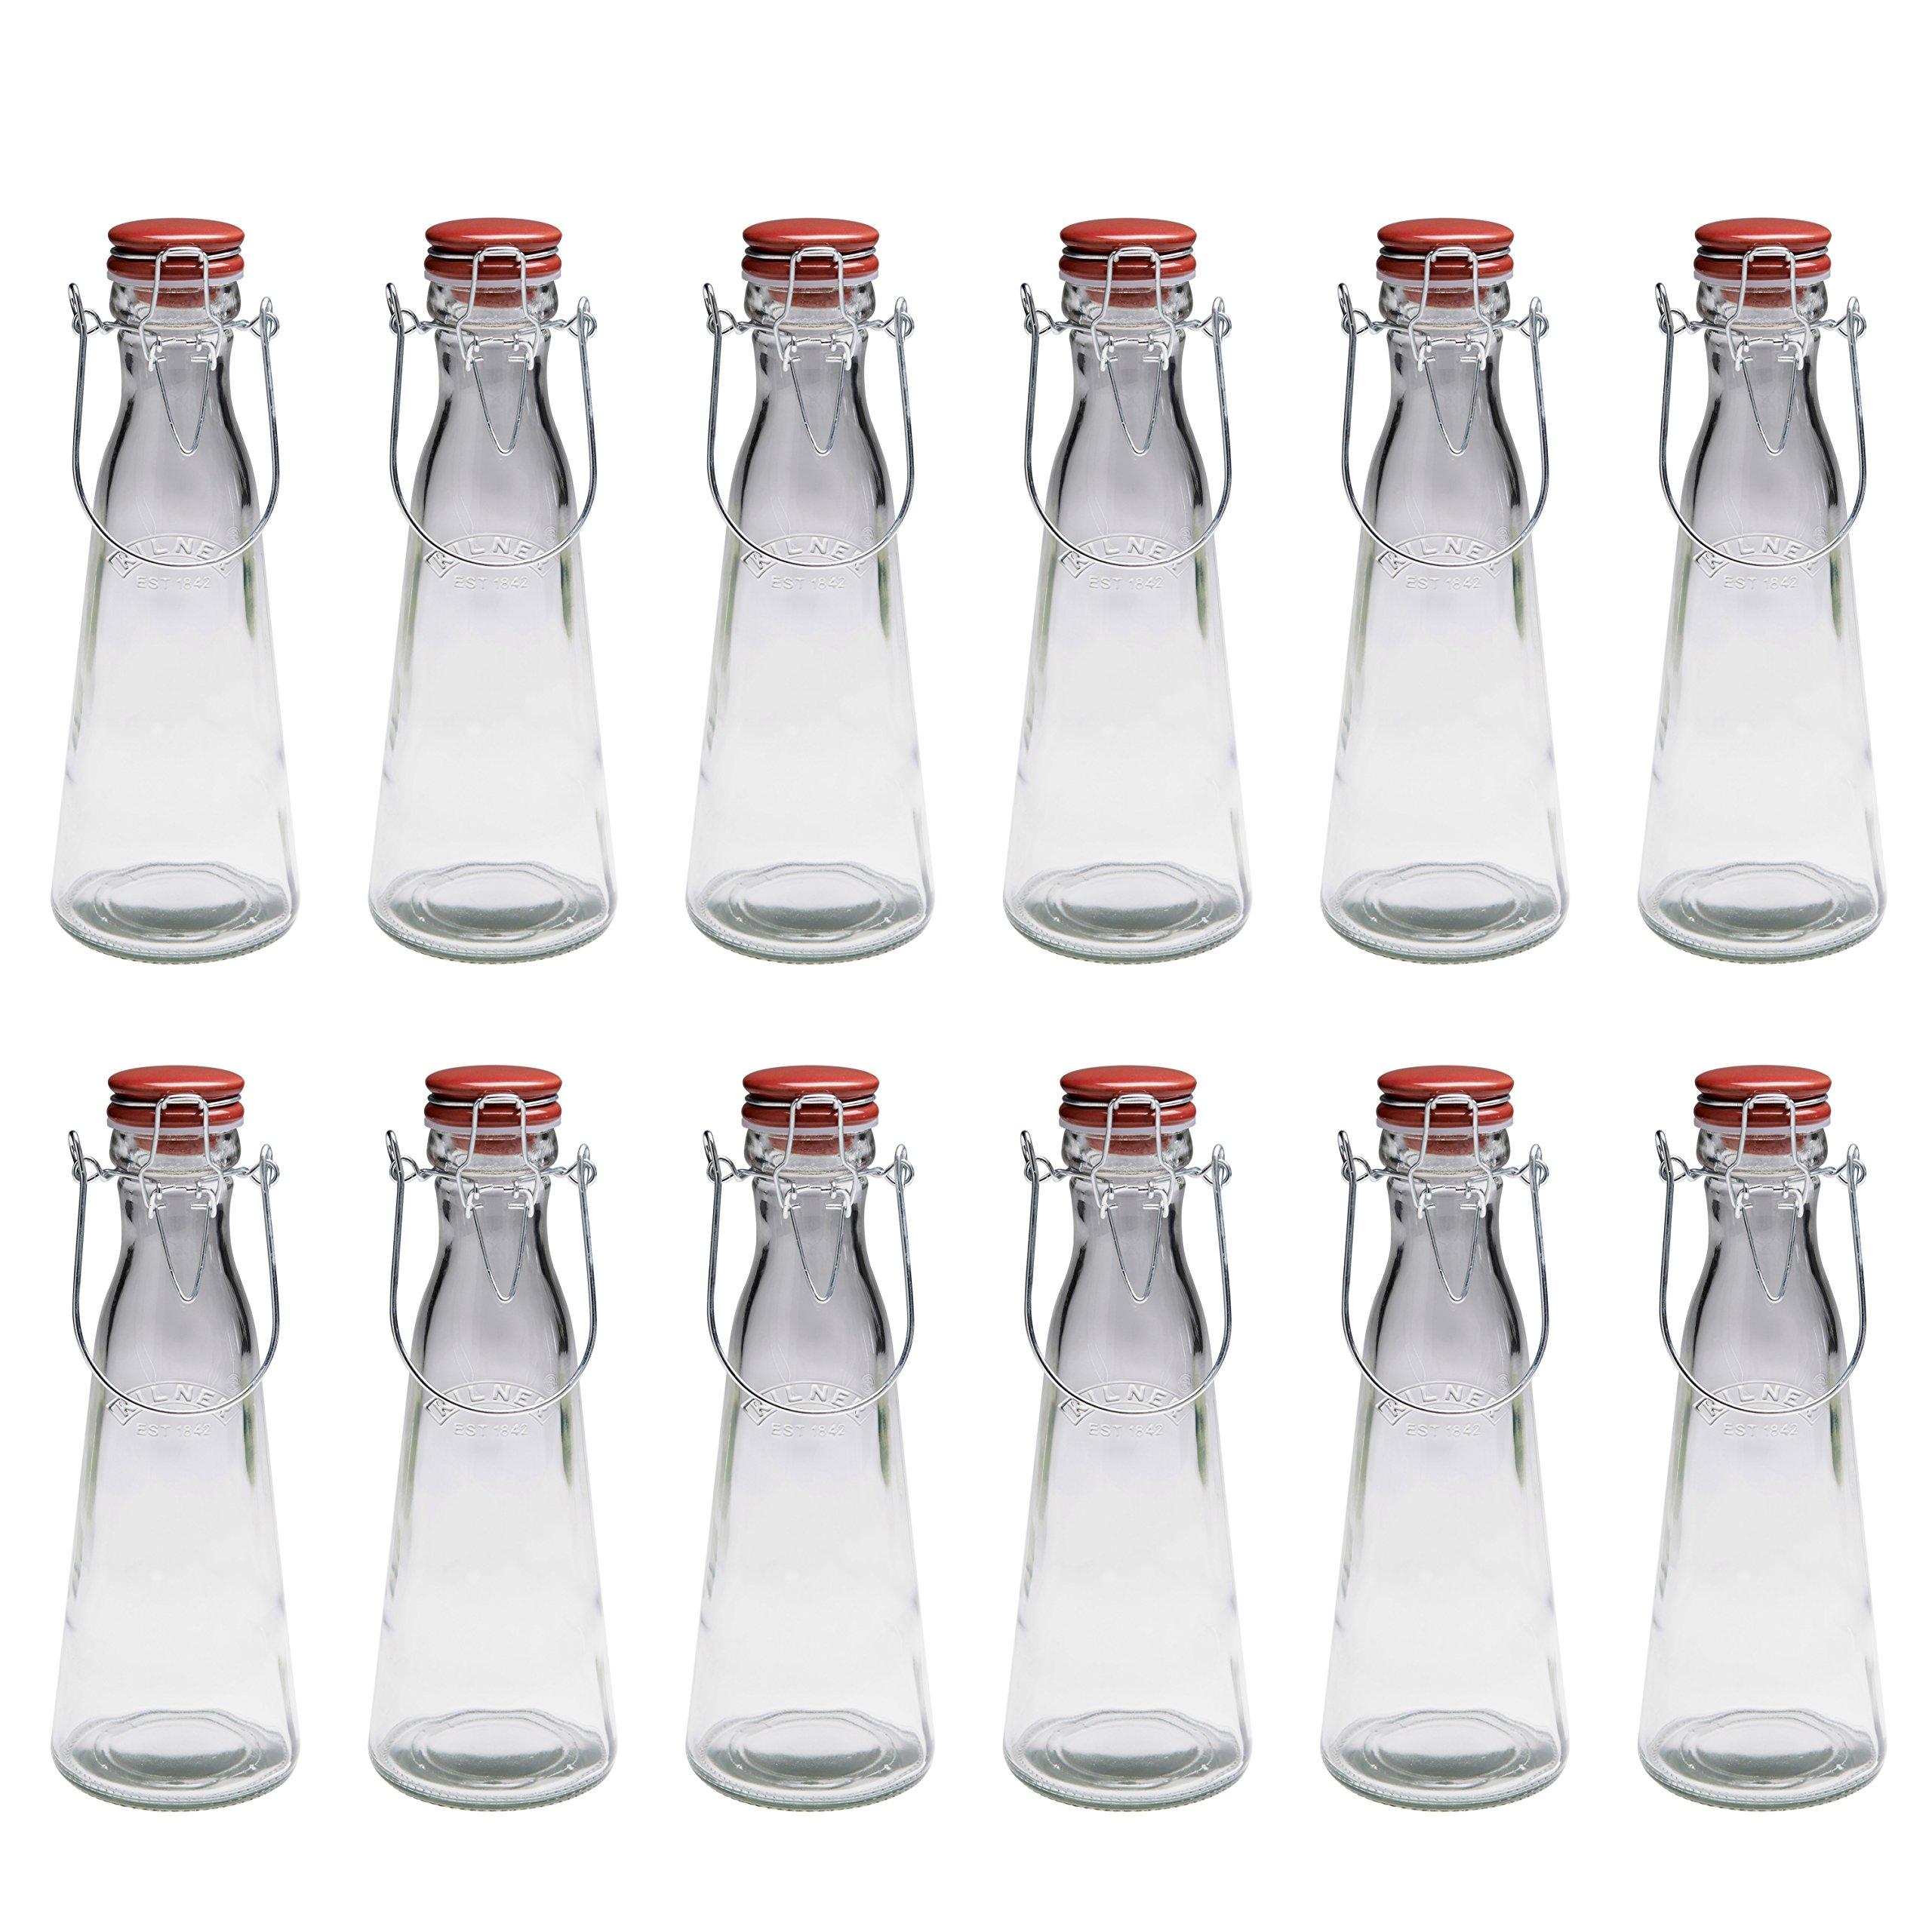 Kilner Vintage Clip Top Bottle, 34-Fl Oz, Case of 12 by Kilner